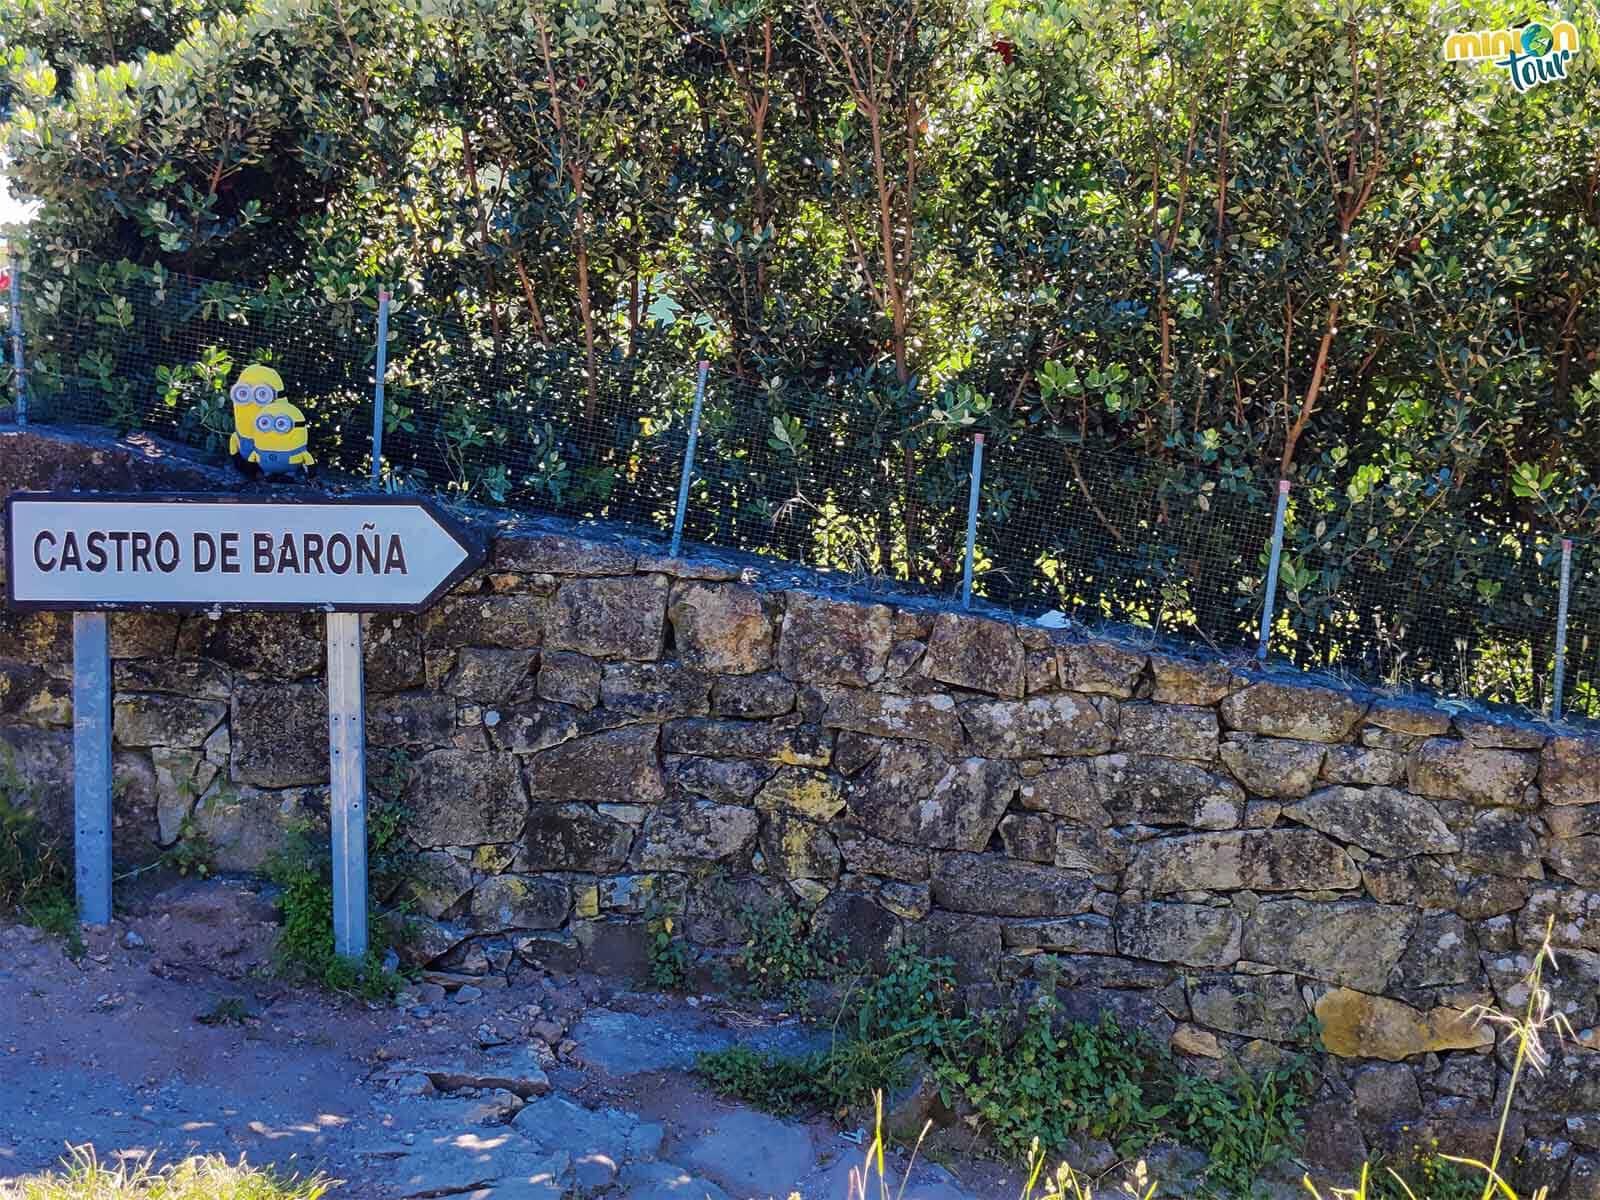 Esta señal nos indica que aquí empieza la ruta al Castro de Baroña